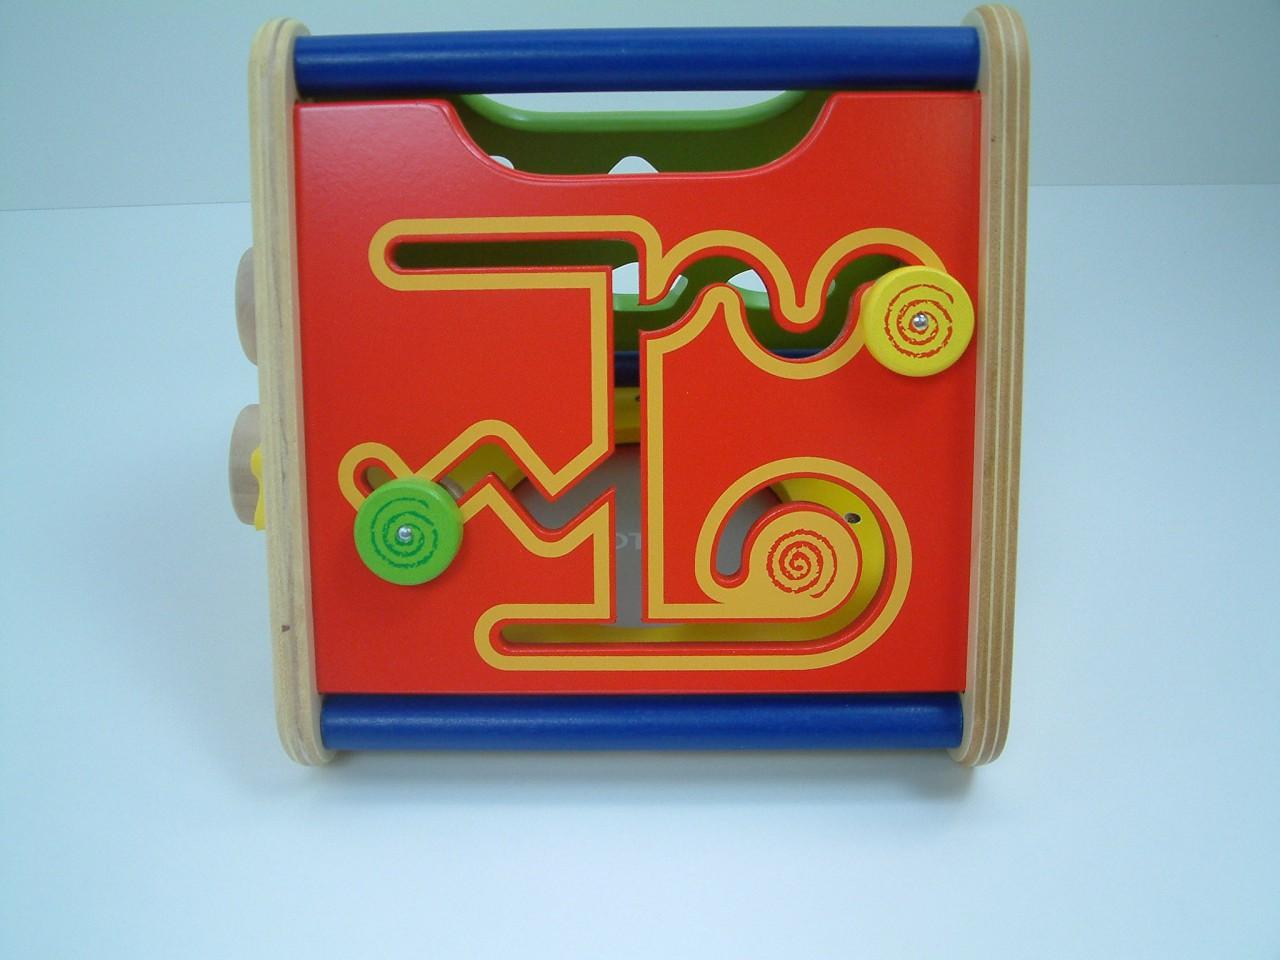 activity korb tragbares motorikspielzeug aus holz drehen schieben sortieren trommeln. Black Bedroom Furniture Sets. Home Design Ideas